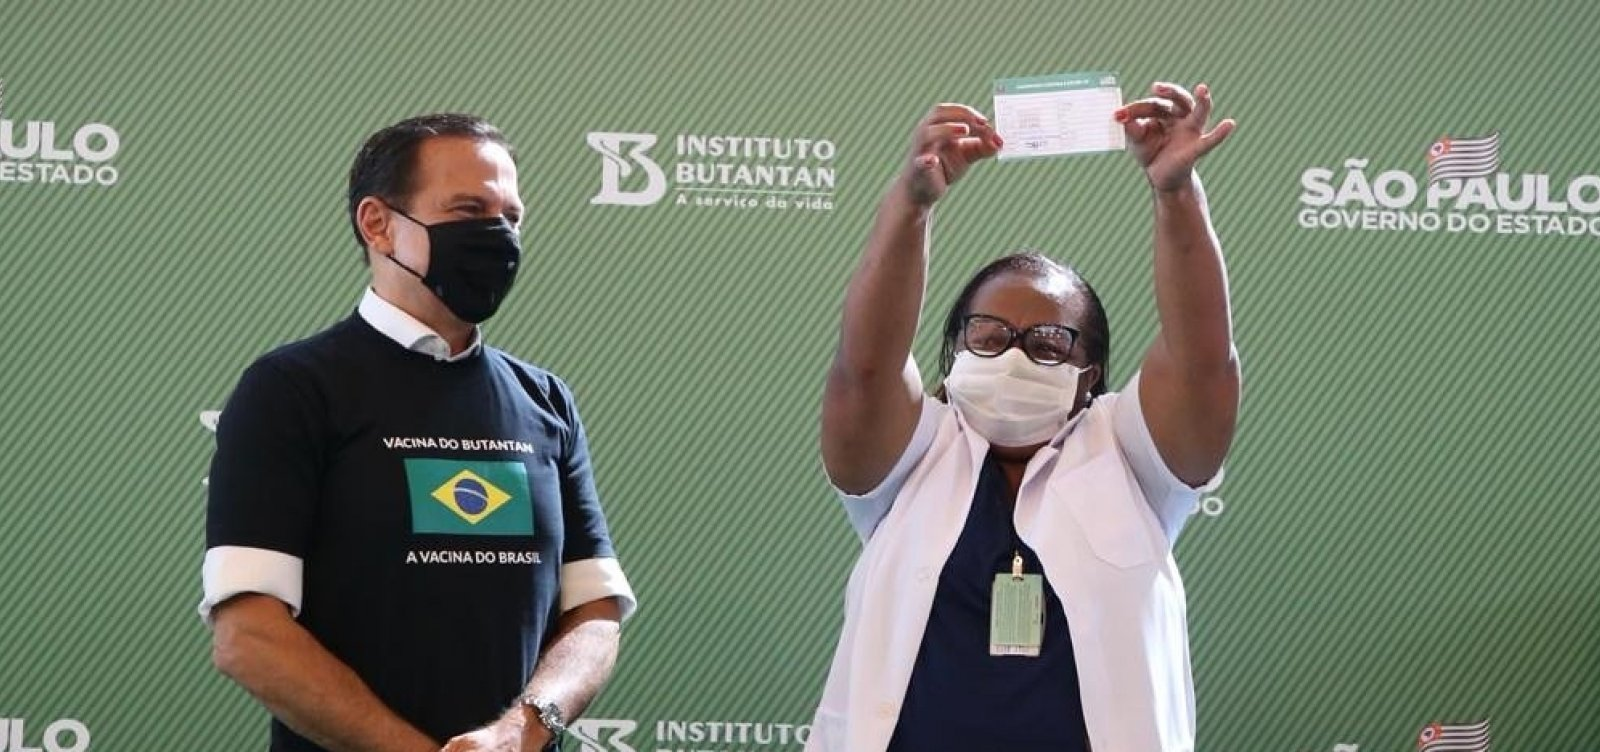 [ Após Anvisa aprovar uso emergencial, enfermeira é vacinada em São Paulo]